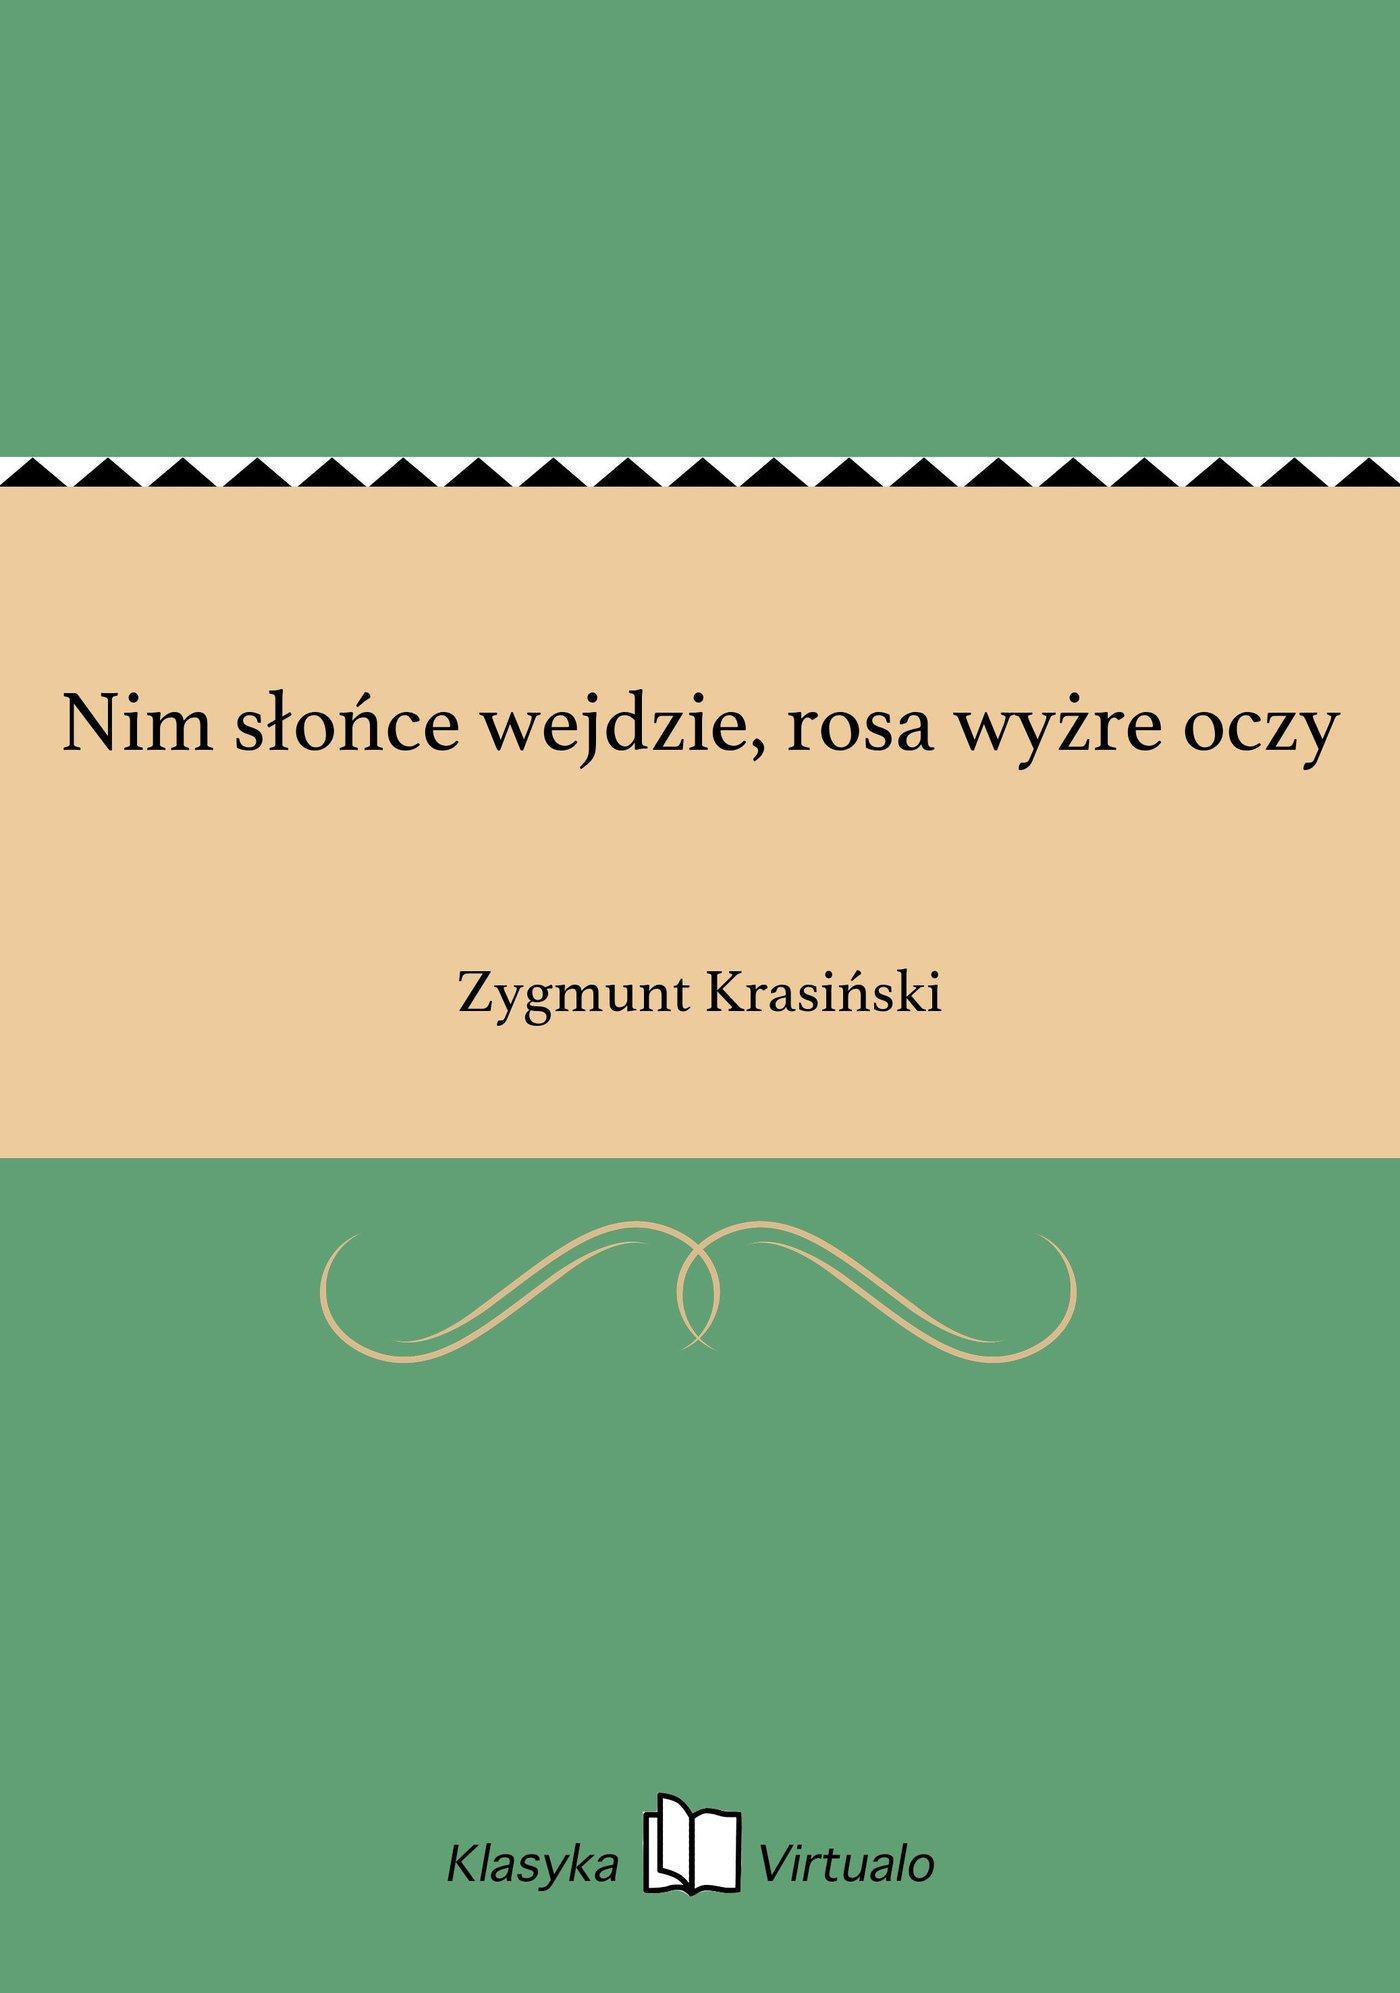 Nim słońce wejdzie, rosa wyżre oczy - Ebook (Książka na Kindle) do pobrania w formacie MOBI